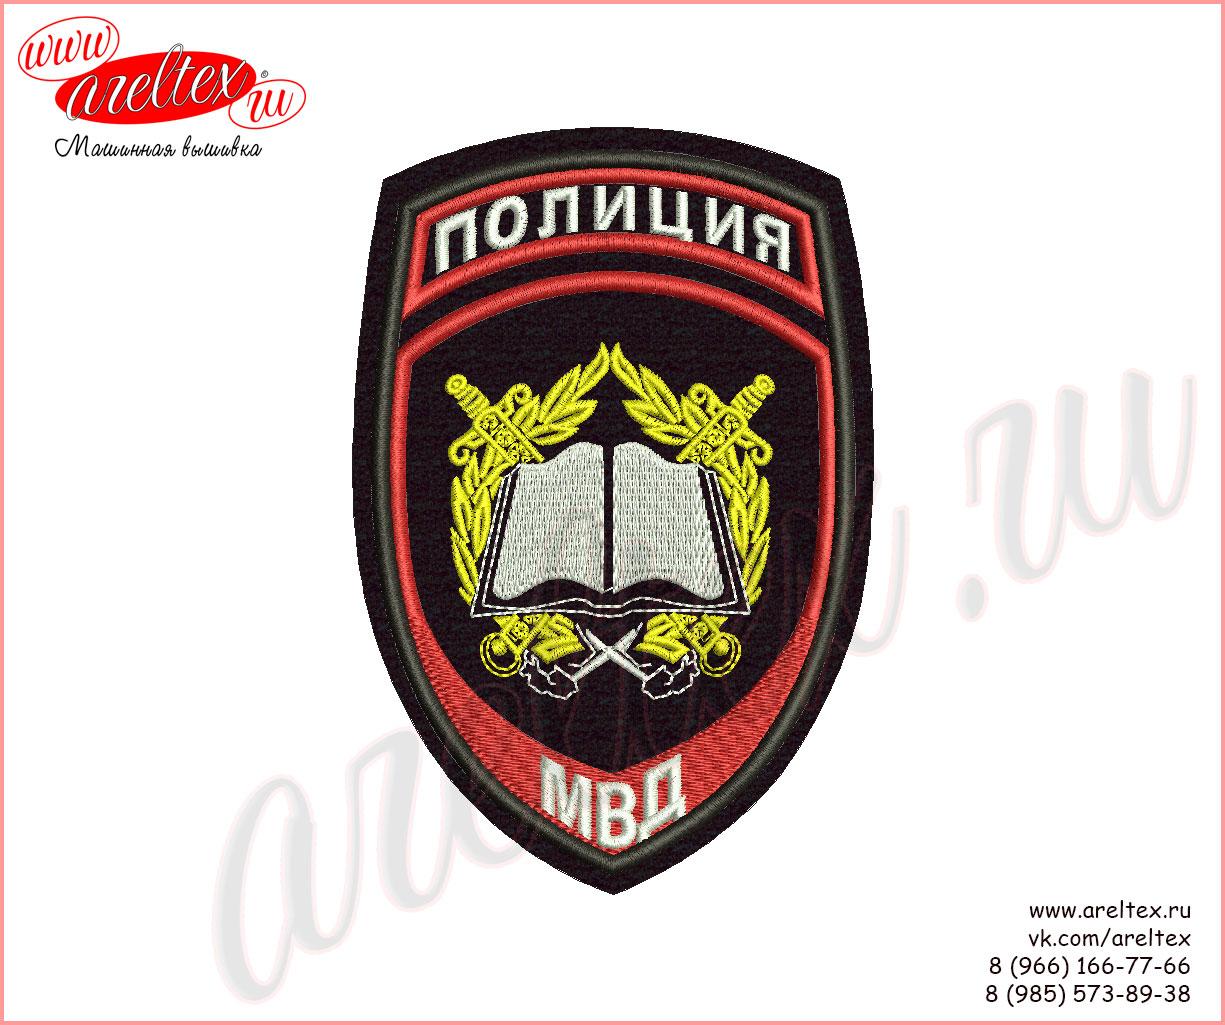 Вышитый нарукавный шеврон для постоянного и временного состава образовательных учреждений МВД России